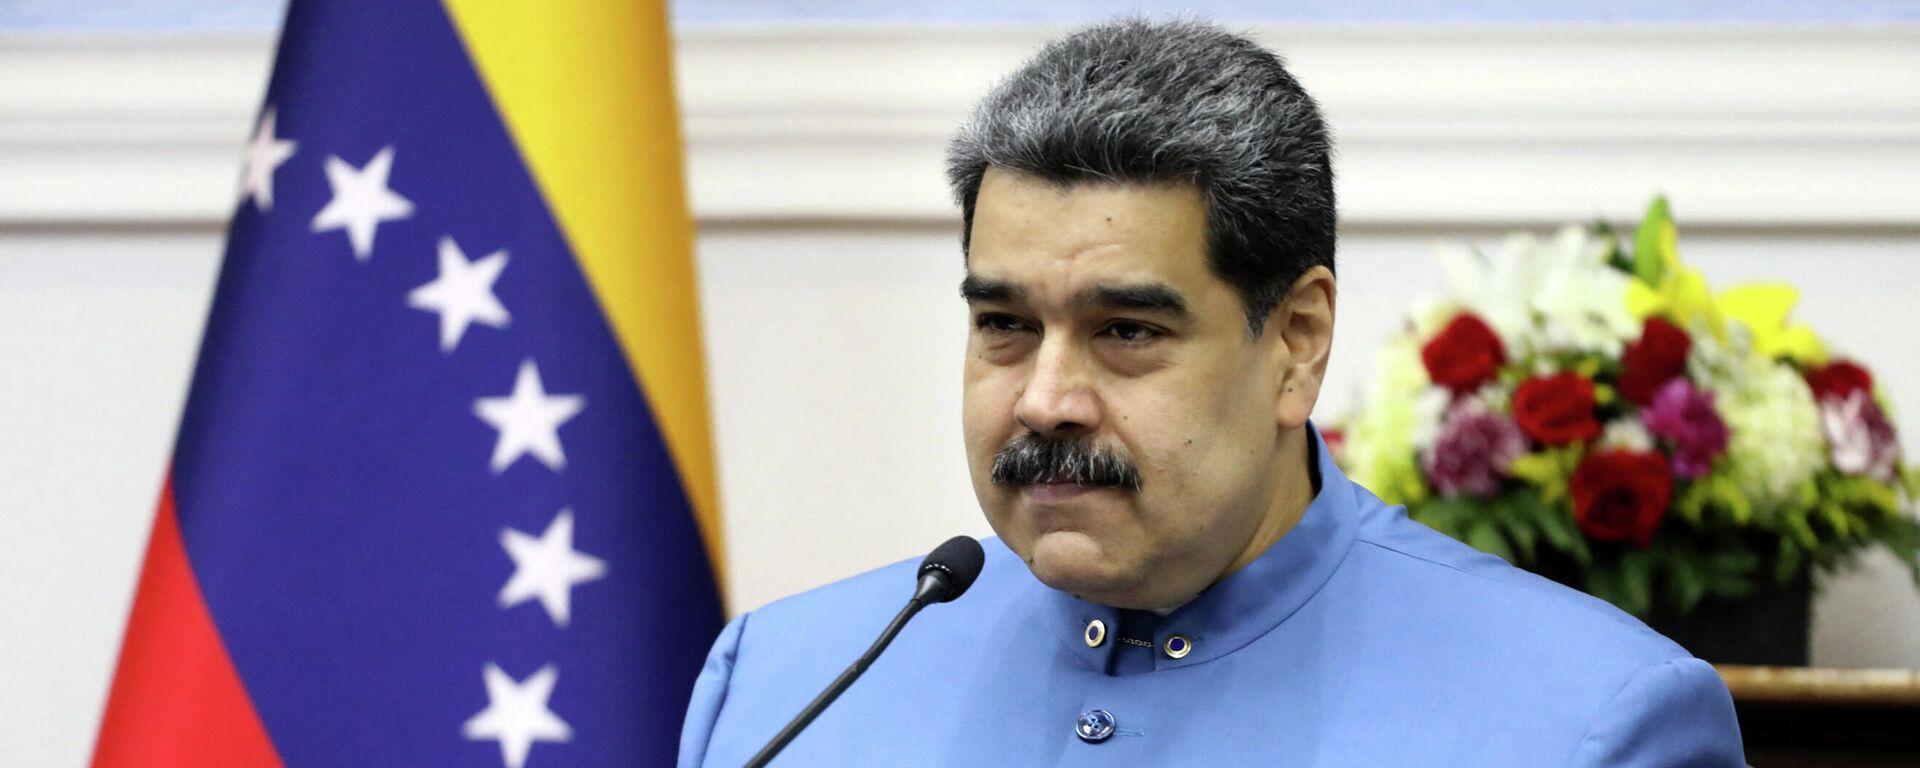 Nicolás Maduro, presidente de Venezuela - Sputnik Mundo, 1920, 20.09.2021